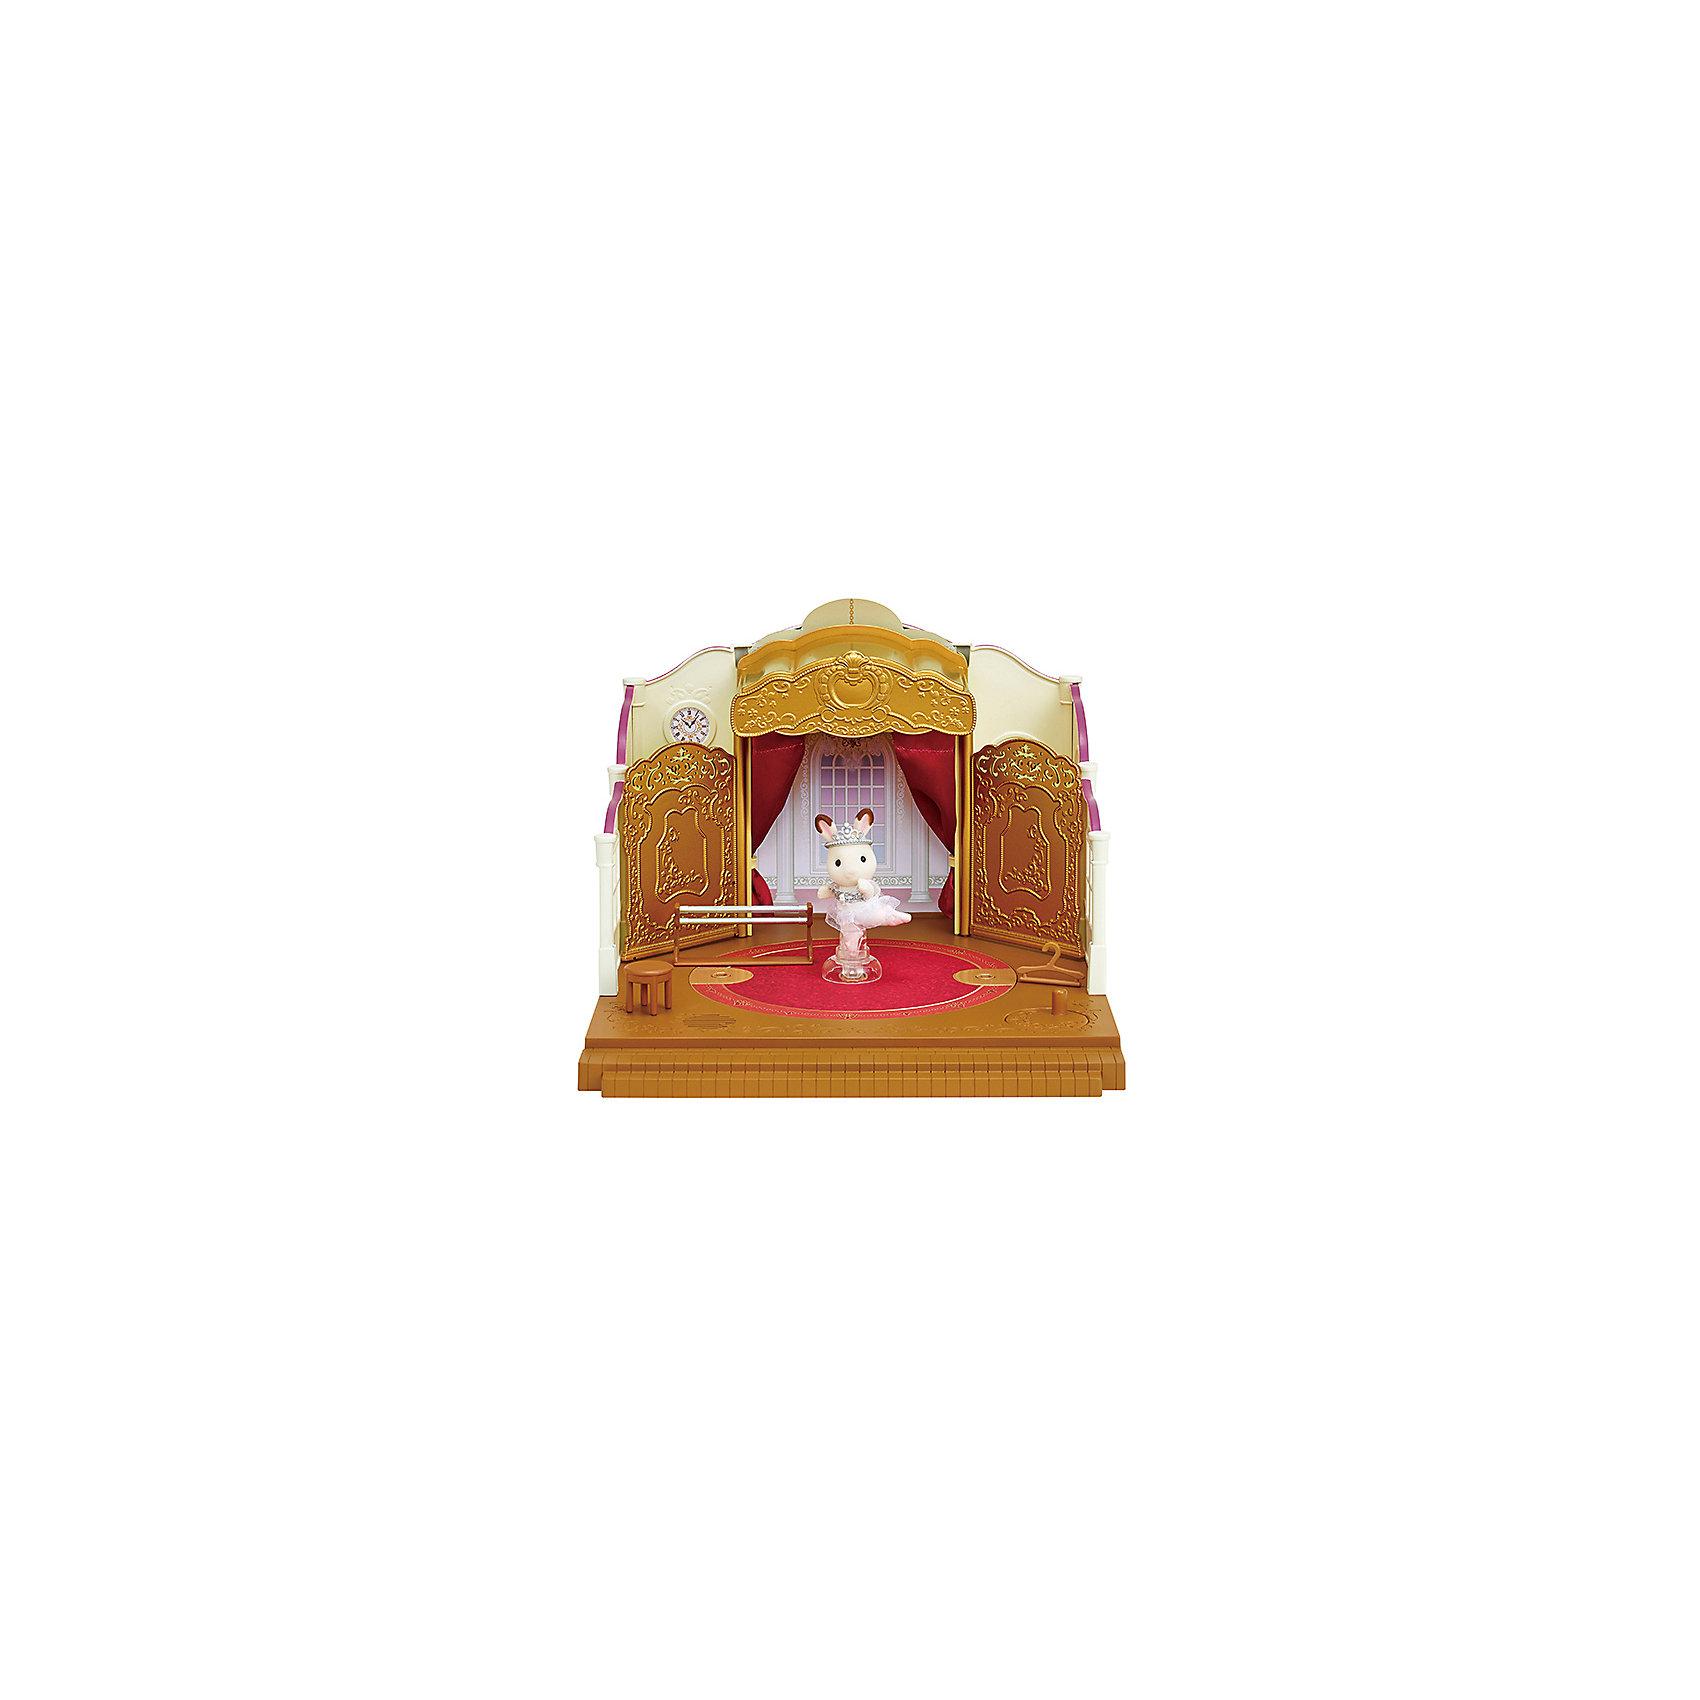 Набор Школа балета, Sylvanian FamiliesSylvanian Families<br>Характеристики:<br><br>• Материал: ПВХ с полимерным напылением, текстиль <br>• Комплектация: здание балетной школы, пуанты, пачка, реквизит, балерина-кролик<br>• Размер фигурки: ? 7 см<br>• Голова и лапы – подвижные<br>• Музыкальное сопровождение<br>• Предусмотрен вращающийся механизм<br>• Особенности ухода: фигурку можно купать, одежда – ручная стирка<br>• Размер упаковки (Д*Ш*В): 38*22,5*35 см<br>• Вес: 1 кг 800 г<br>• Упаковка: картонная коробка с блистером<br><br>Фигурки выполнены из экологически безопасного материала, сверху покрыты напылением, придающим животным бархатистую поверхность. Фигурки можно купать, одежду – стирать. У персонажей подвижные головы и лапки, что делает их особенно правдоподобными и удобными в играх. Набор Школа балета, Sylvanian Families состоит из здания школы балета с необходимым реквизитом для проведения репетиций и концертов. В центре школы имеется сцена с подвижным механизмом, при вращении которой звучит классическая музыка. В наборе предусмотрен кролик в образе балерины.<br><br>Набор Школа балета, Sylvanian Families можно купить в нашем интернет-магазине<br><br>Ширина мм: 392<br>Глубина мм: 352<br>Высота мм: 233<br>Вес г: 1862<br>Возраст от месяцев: 48<br>Возраст до месяцев: 96<br>Пол: Женский<br>Возраст: Детский<br>SKU: 5467539